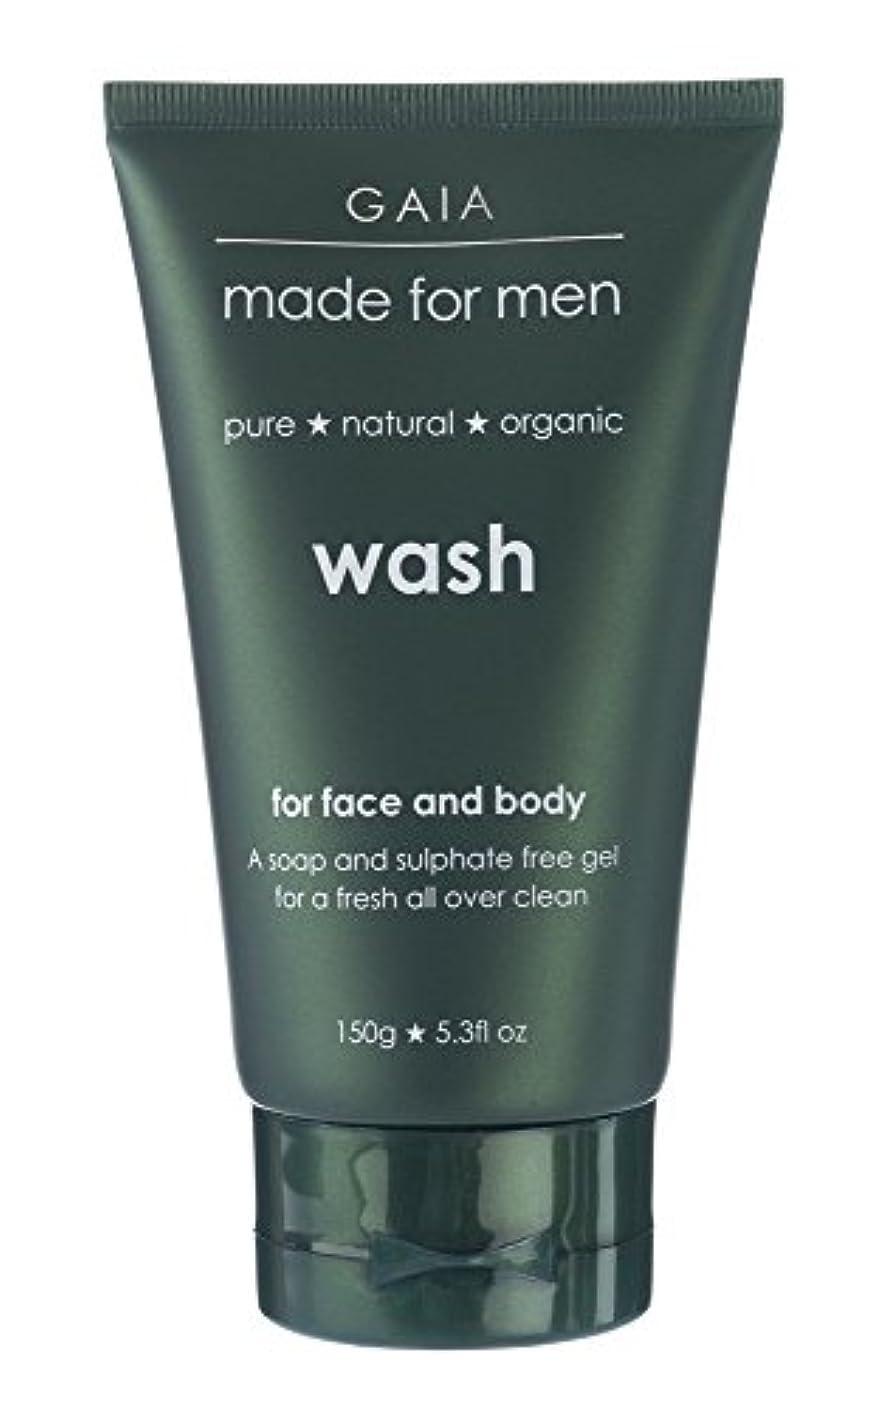 トリクル仮装パスポート【GAIA】Face & Body Wash made for men ガイア メンズ フェイス&ボディウォッシュ 150g